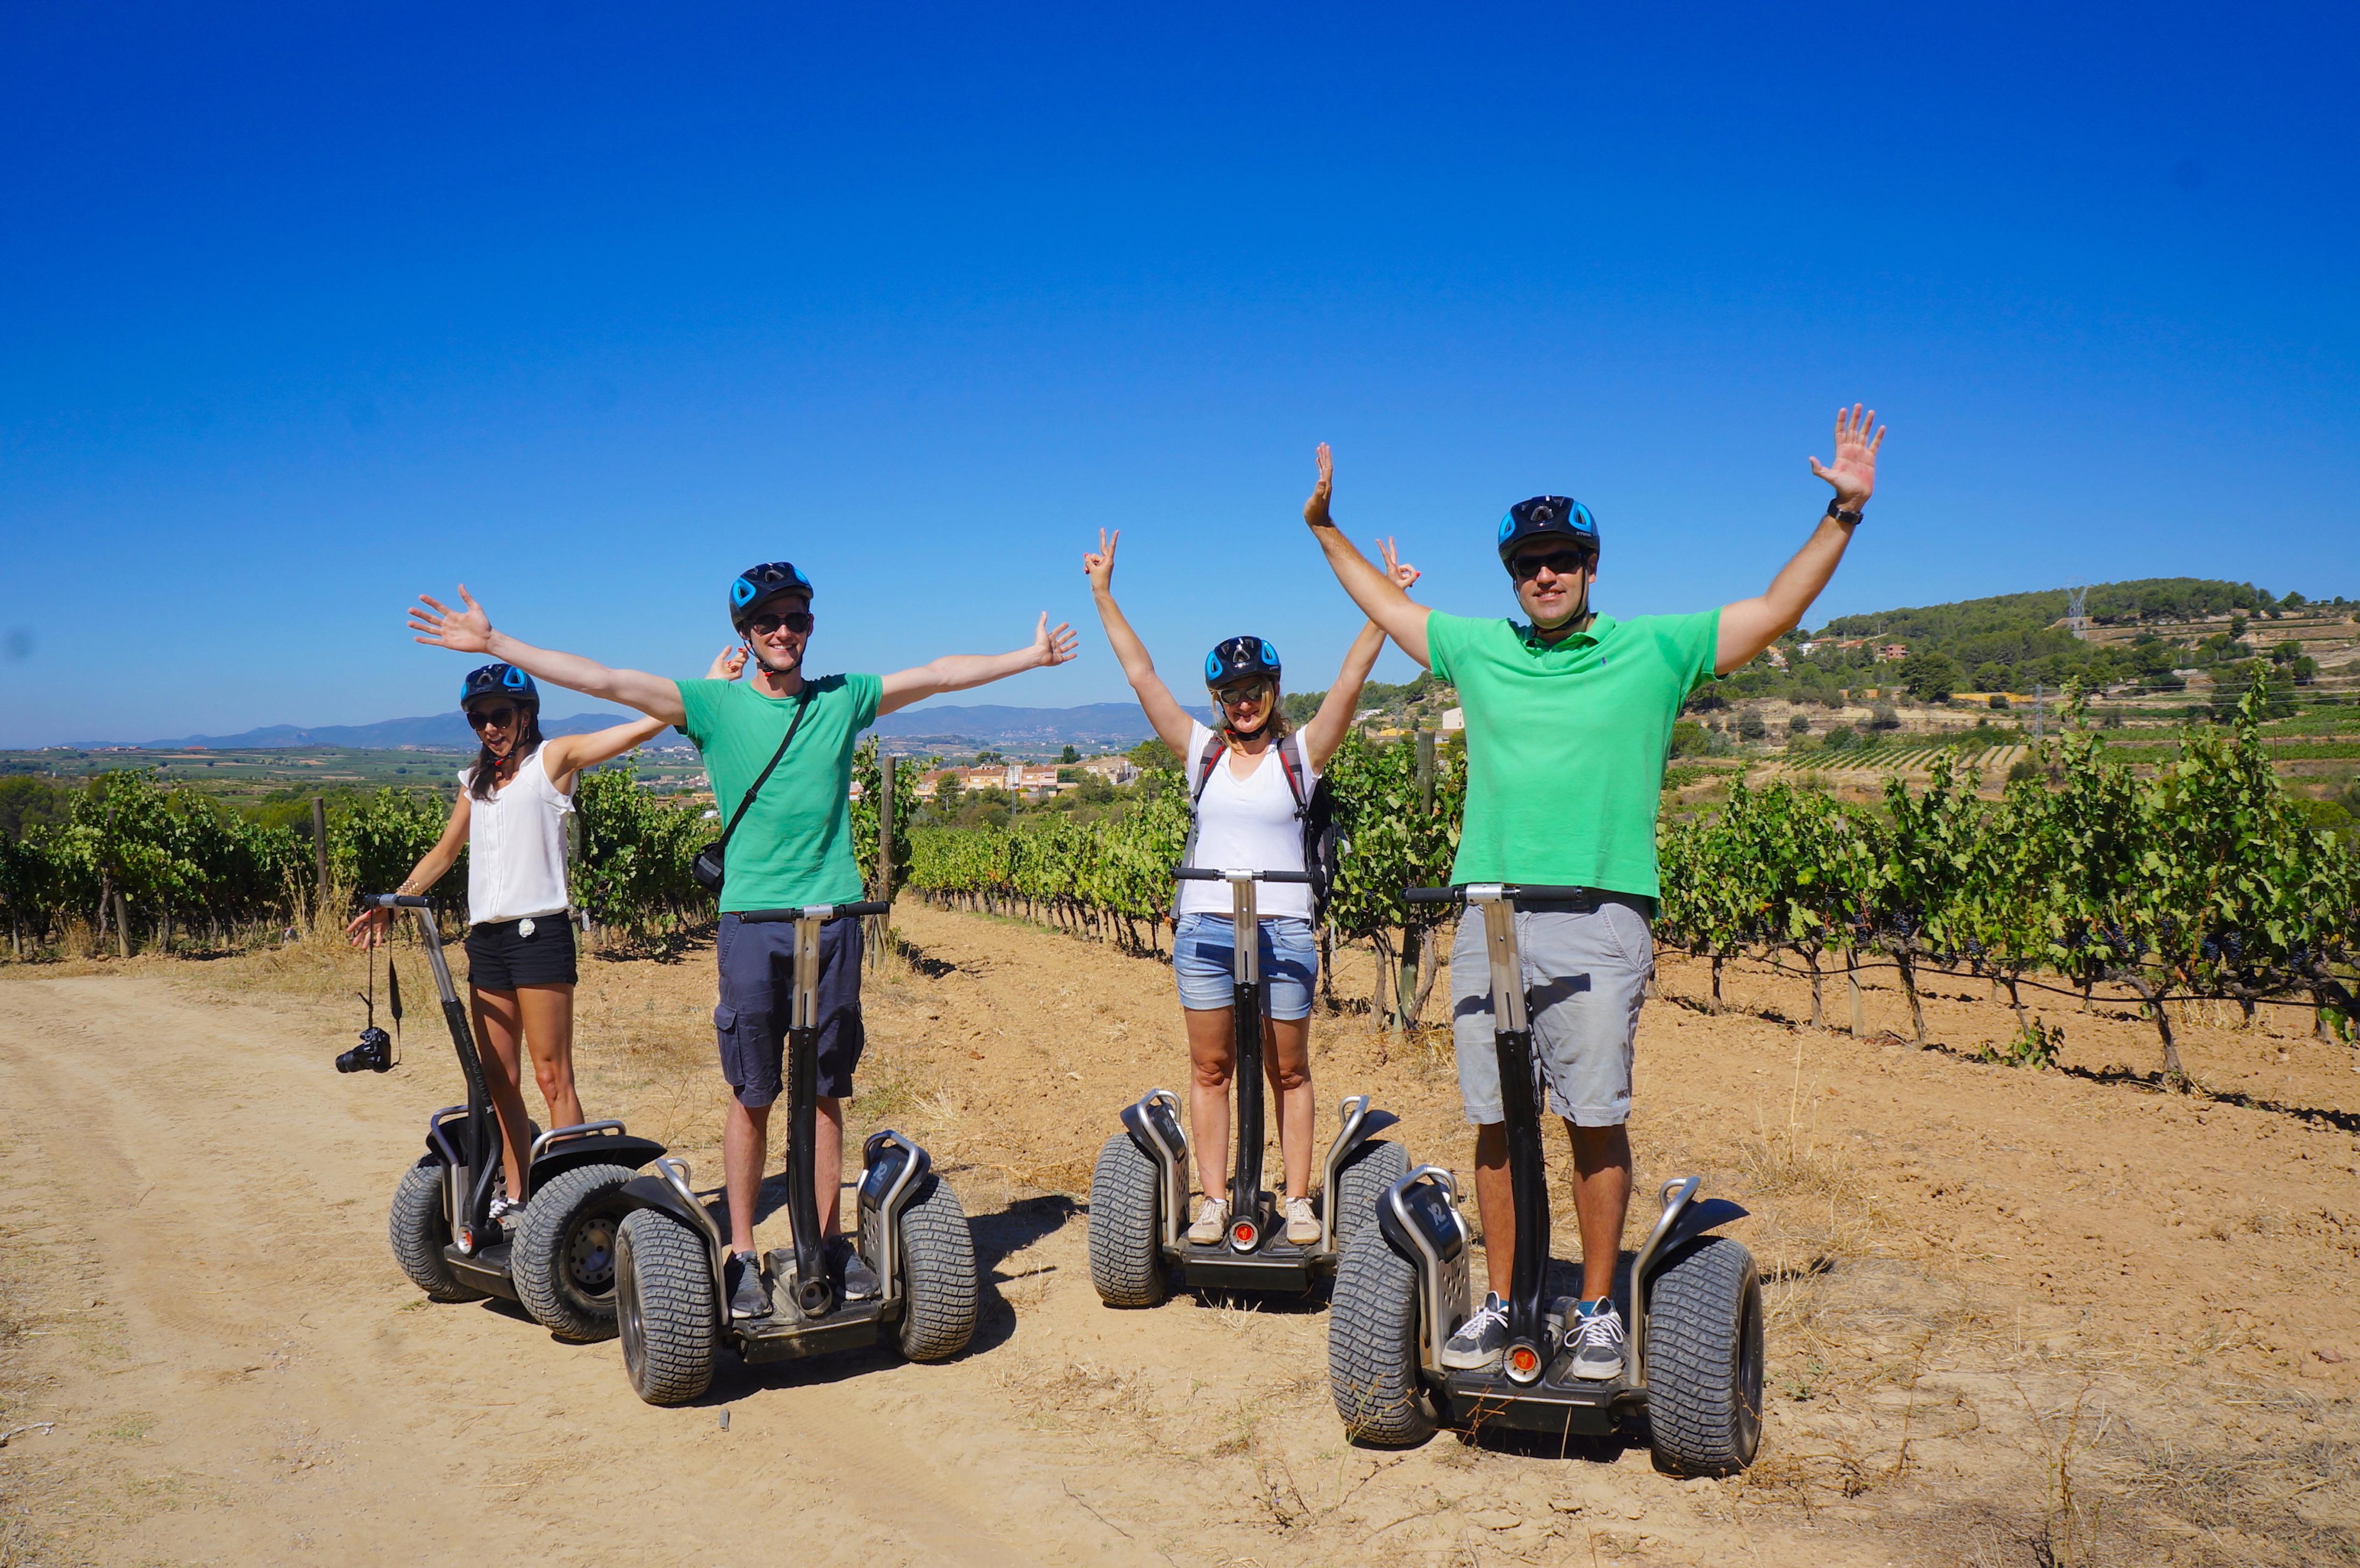 Fire turister på Segway-tur gjennom økologisk vingård